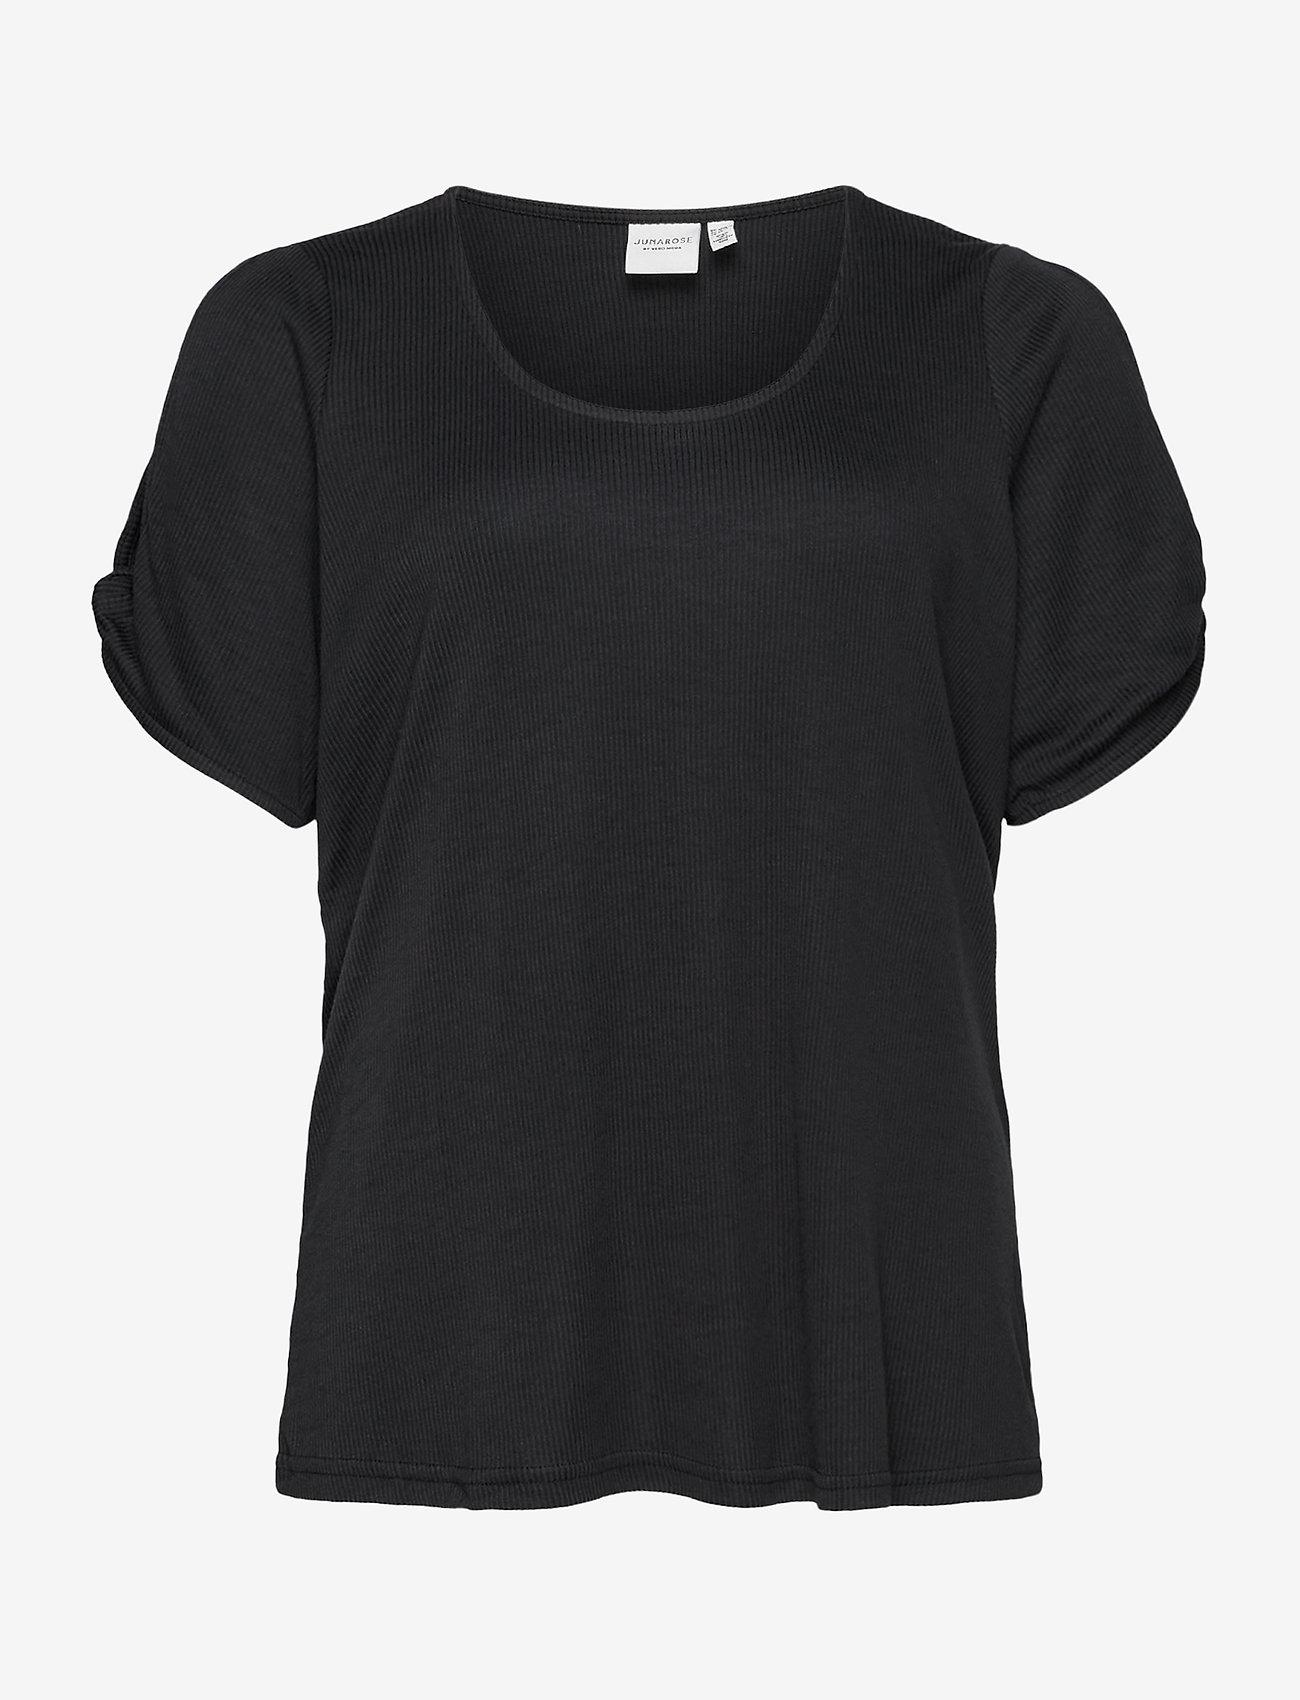 JunaRose - JRMAYSIN SS TOP - S - t-shirts - black - 0